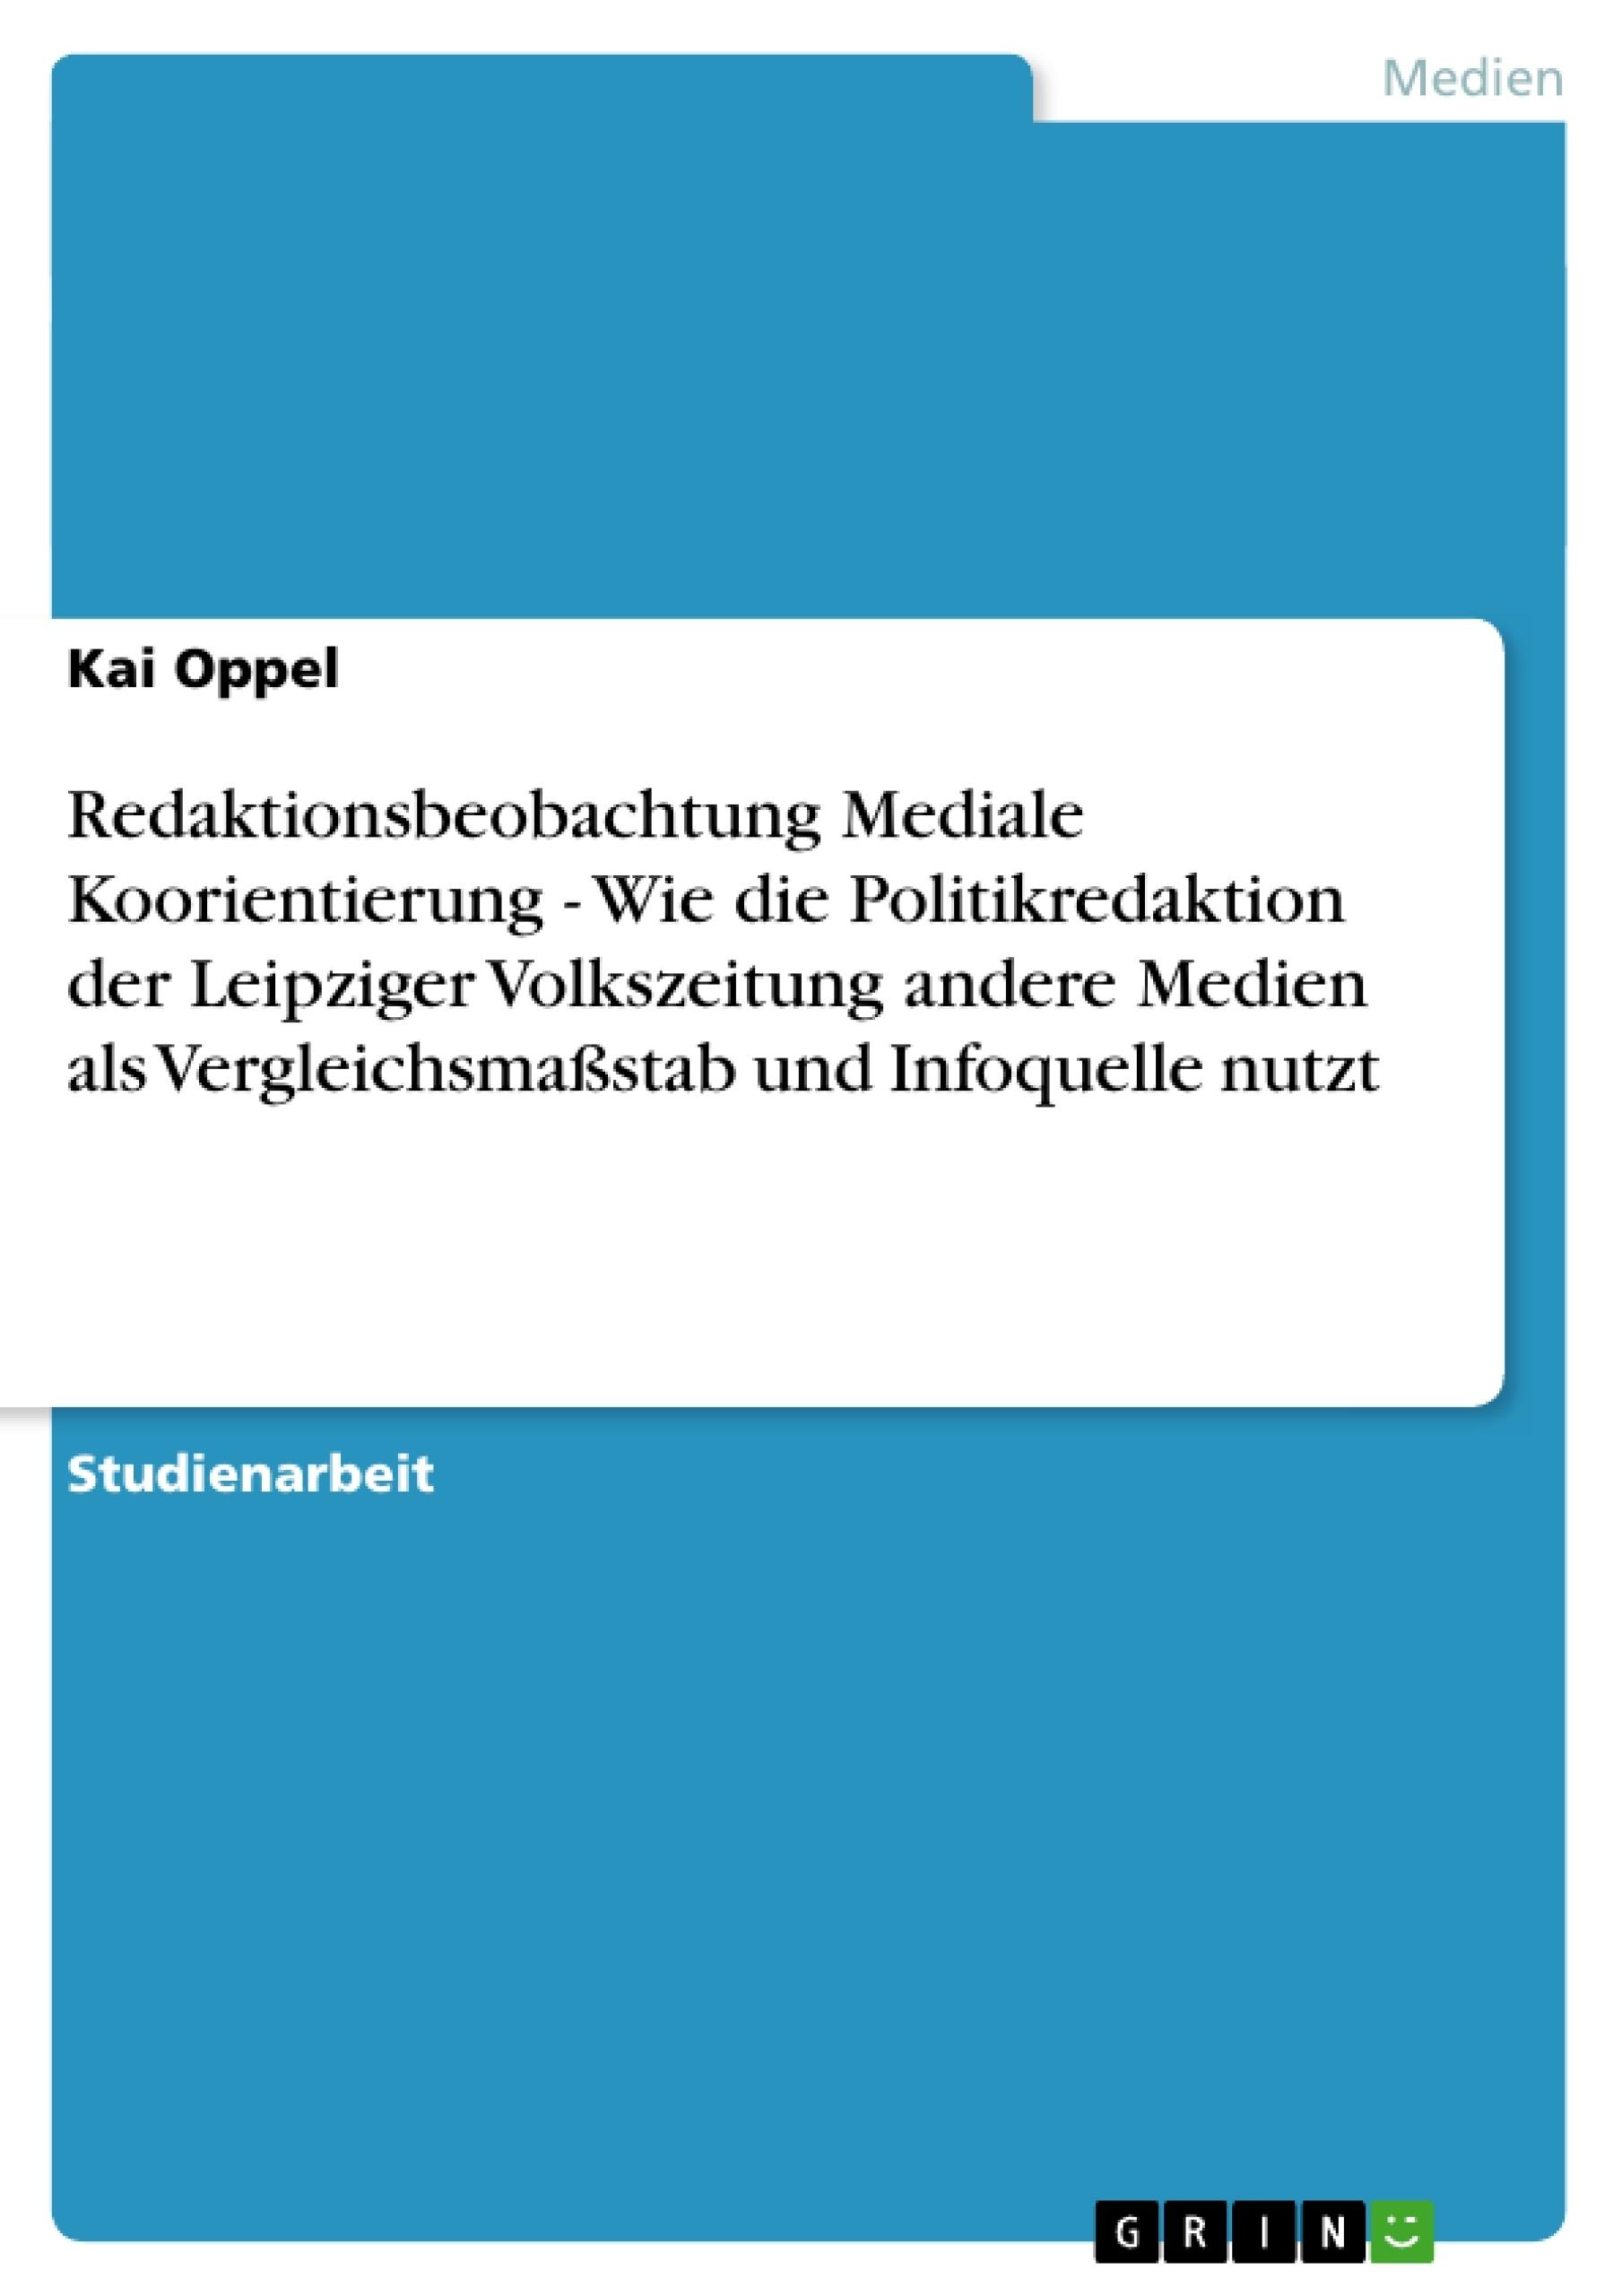 Titel: Redaktionsbeobachtung Mediale Koorientierung - Wie die Politikredaktion der Leipziger Volkszeitung andere Medien als Vergleichsmaßstab und Infoquelle nutzt